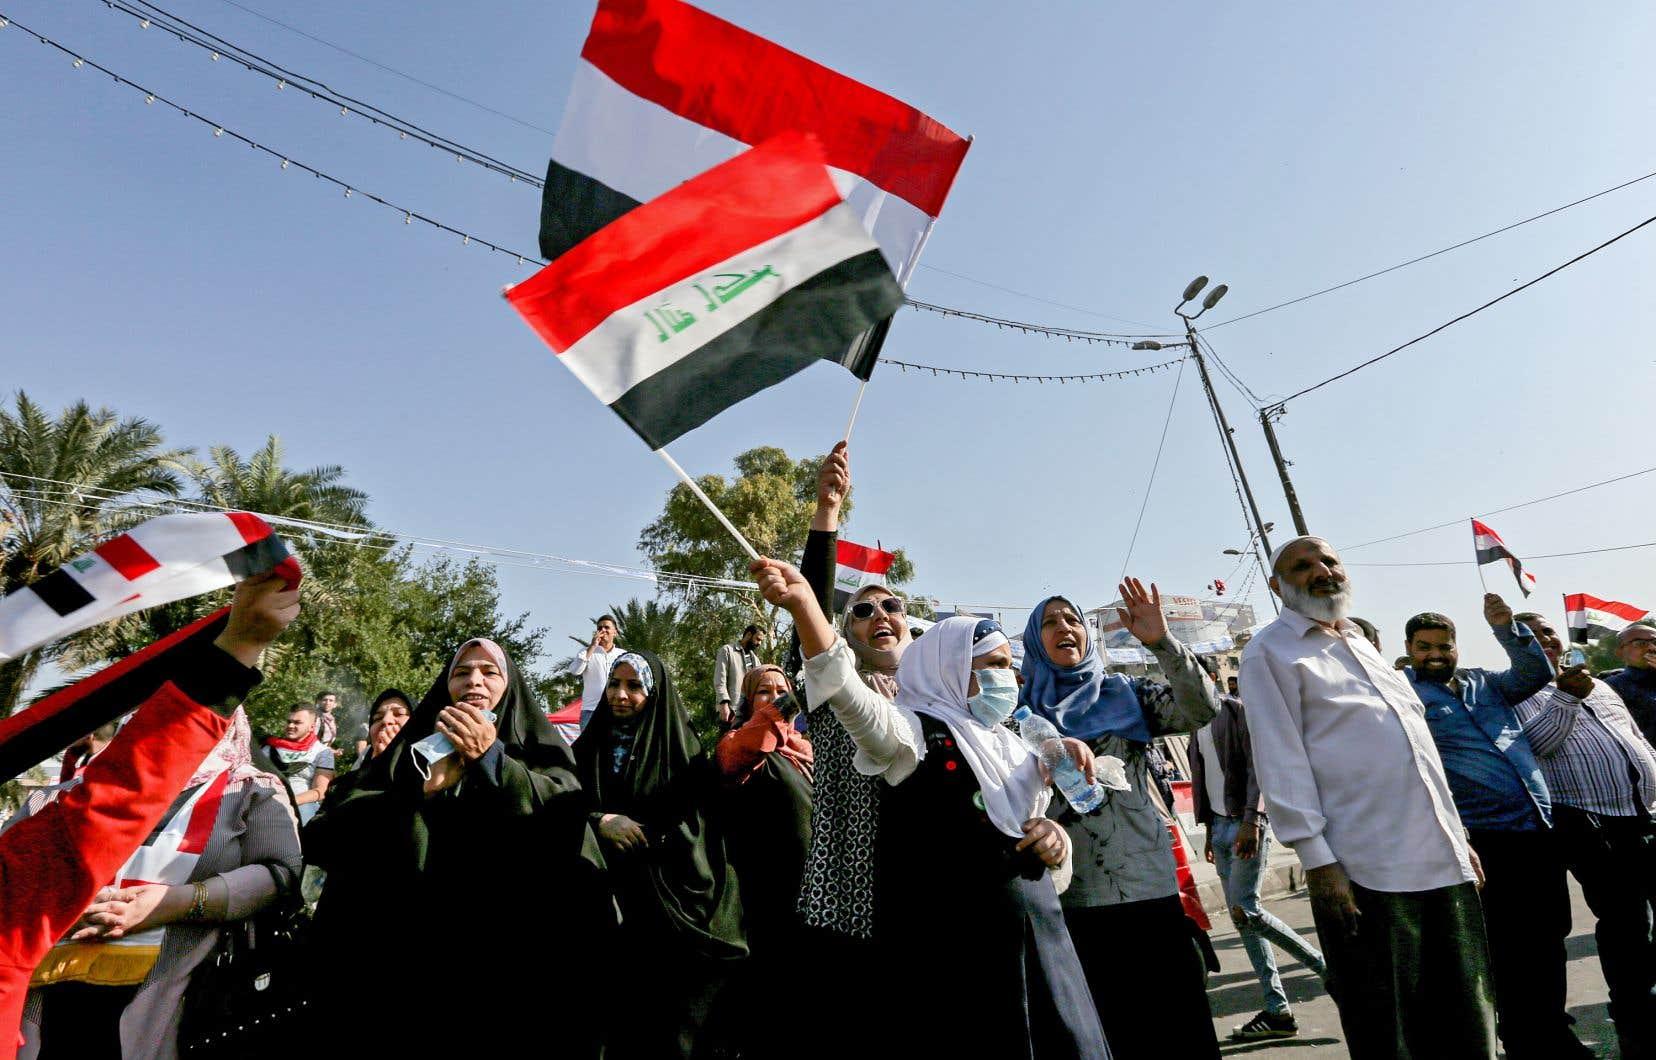 Les États Unis se montrent indifférents aux mouvements de révolte qui secouent l'Irak depuis plusieurs semaines.